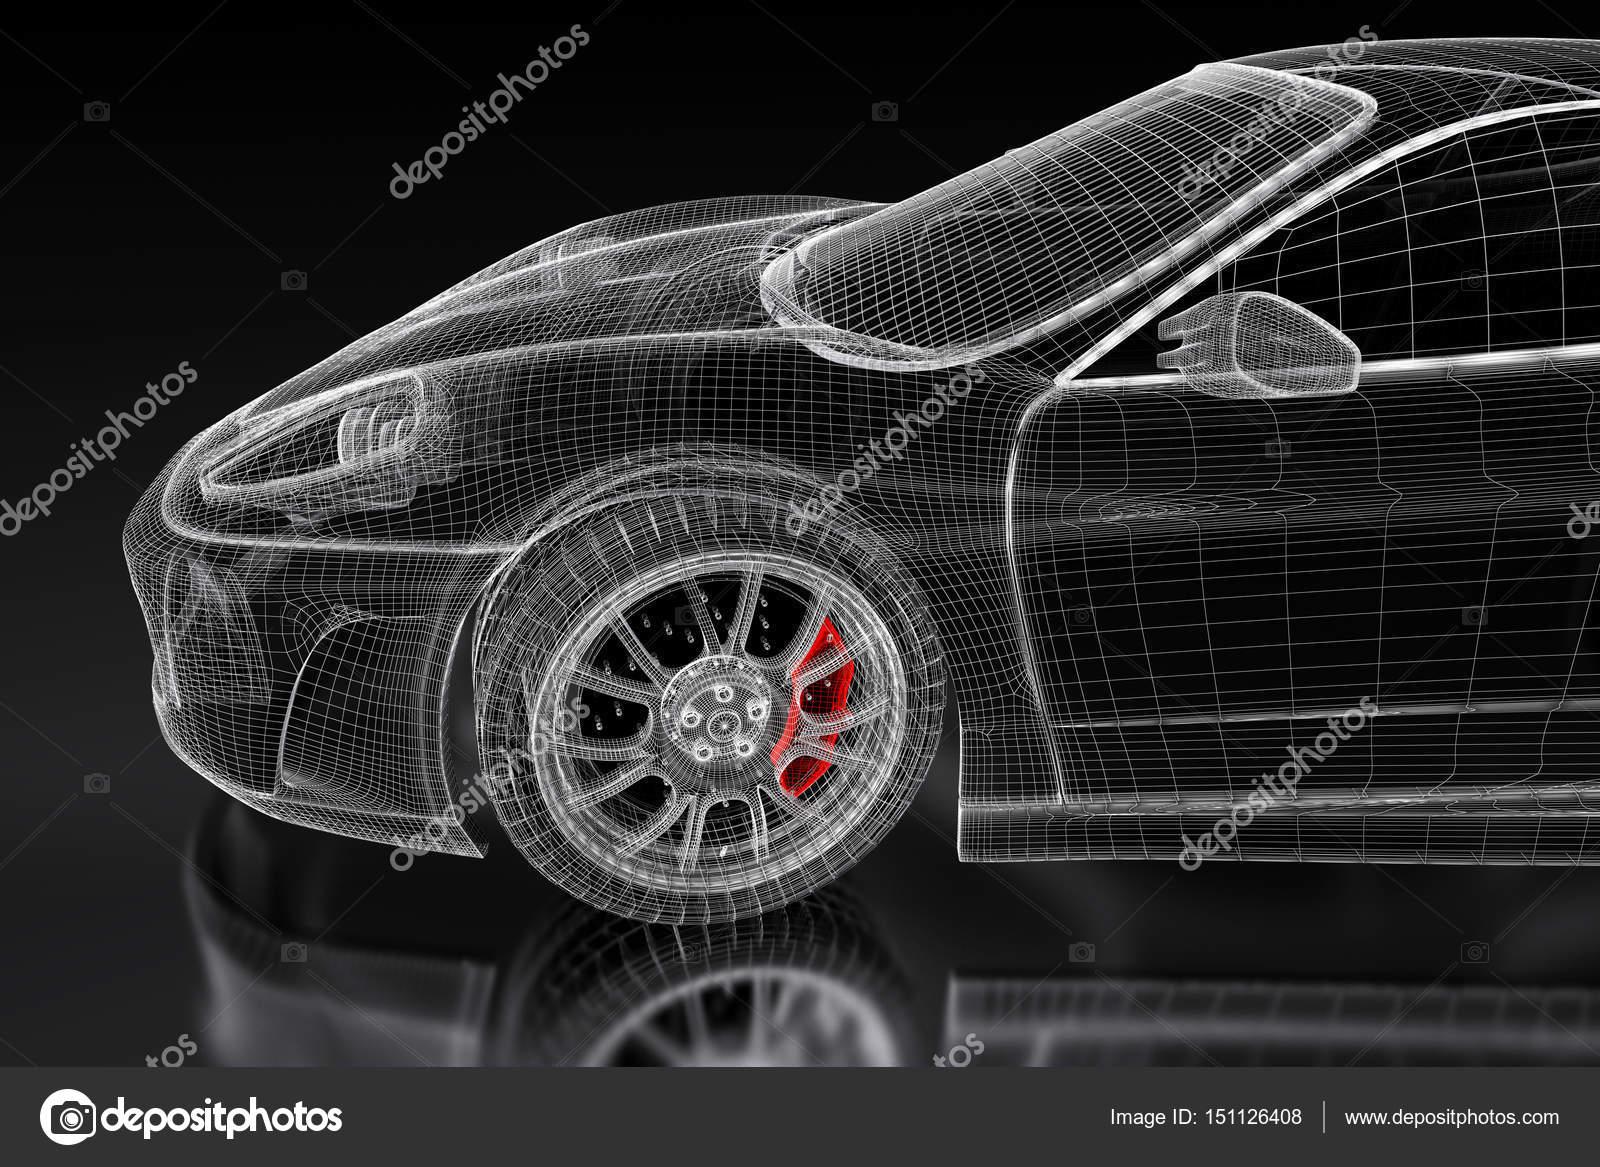 3D Sportauto auf einem schwarzen — Stockfoto © Shtanzman #151126408